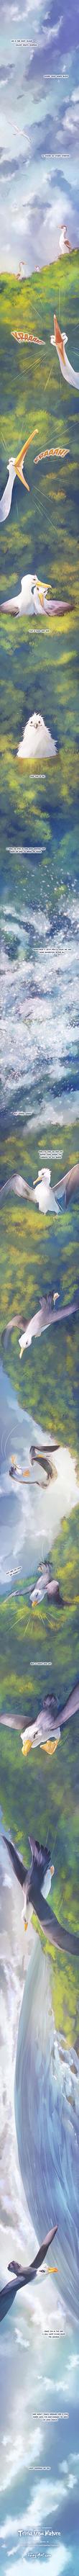 Albatross the Great Wanderer by Fany001